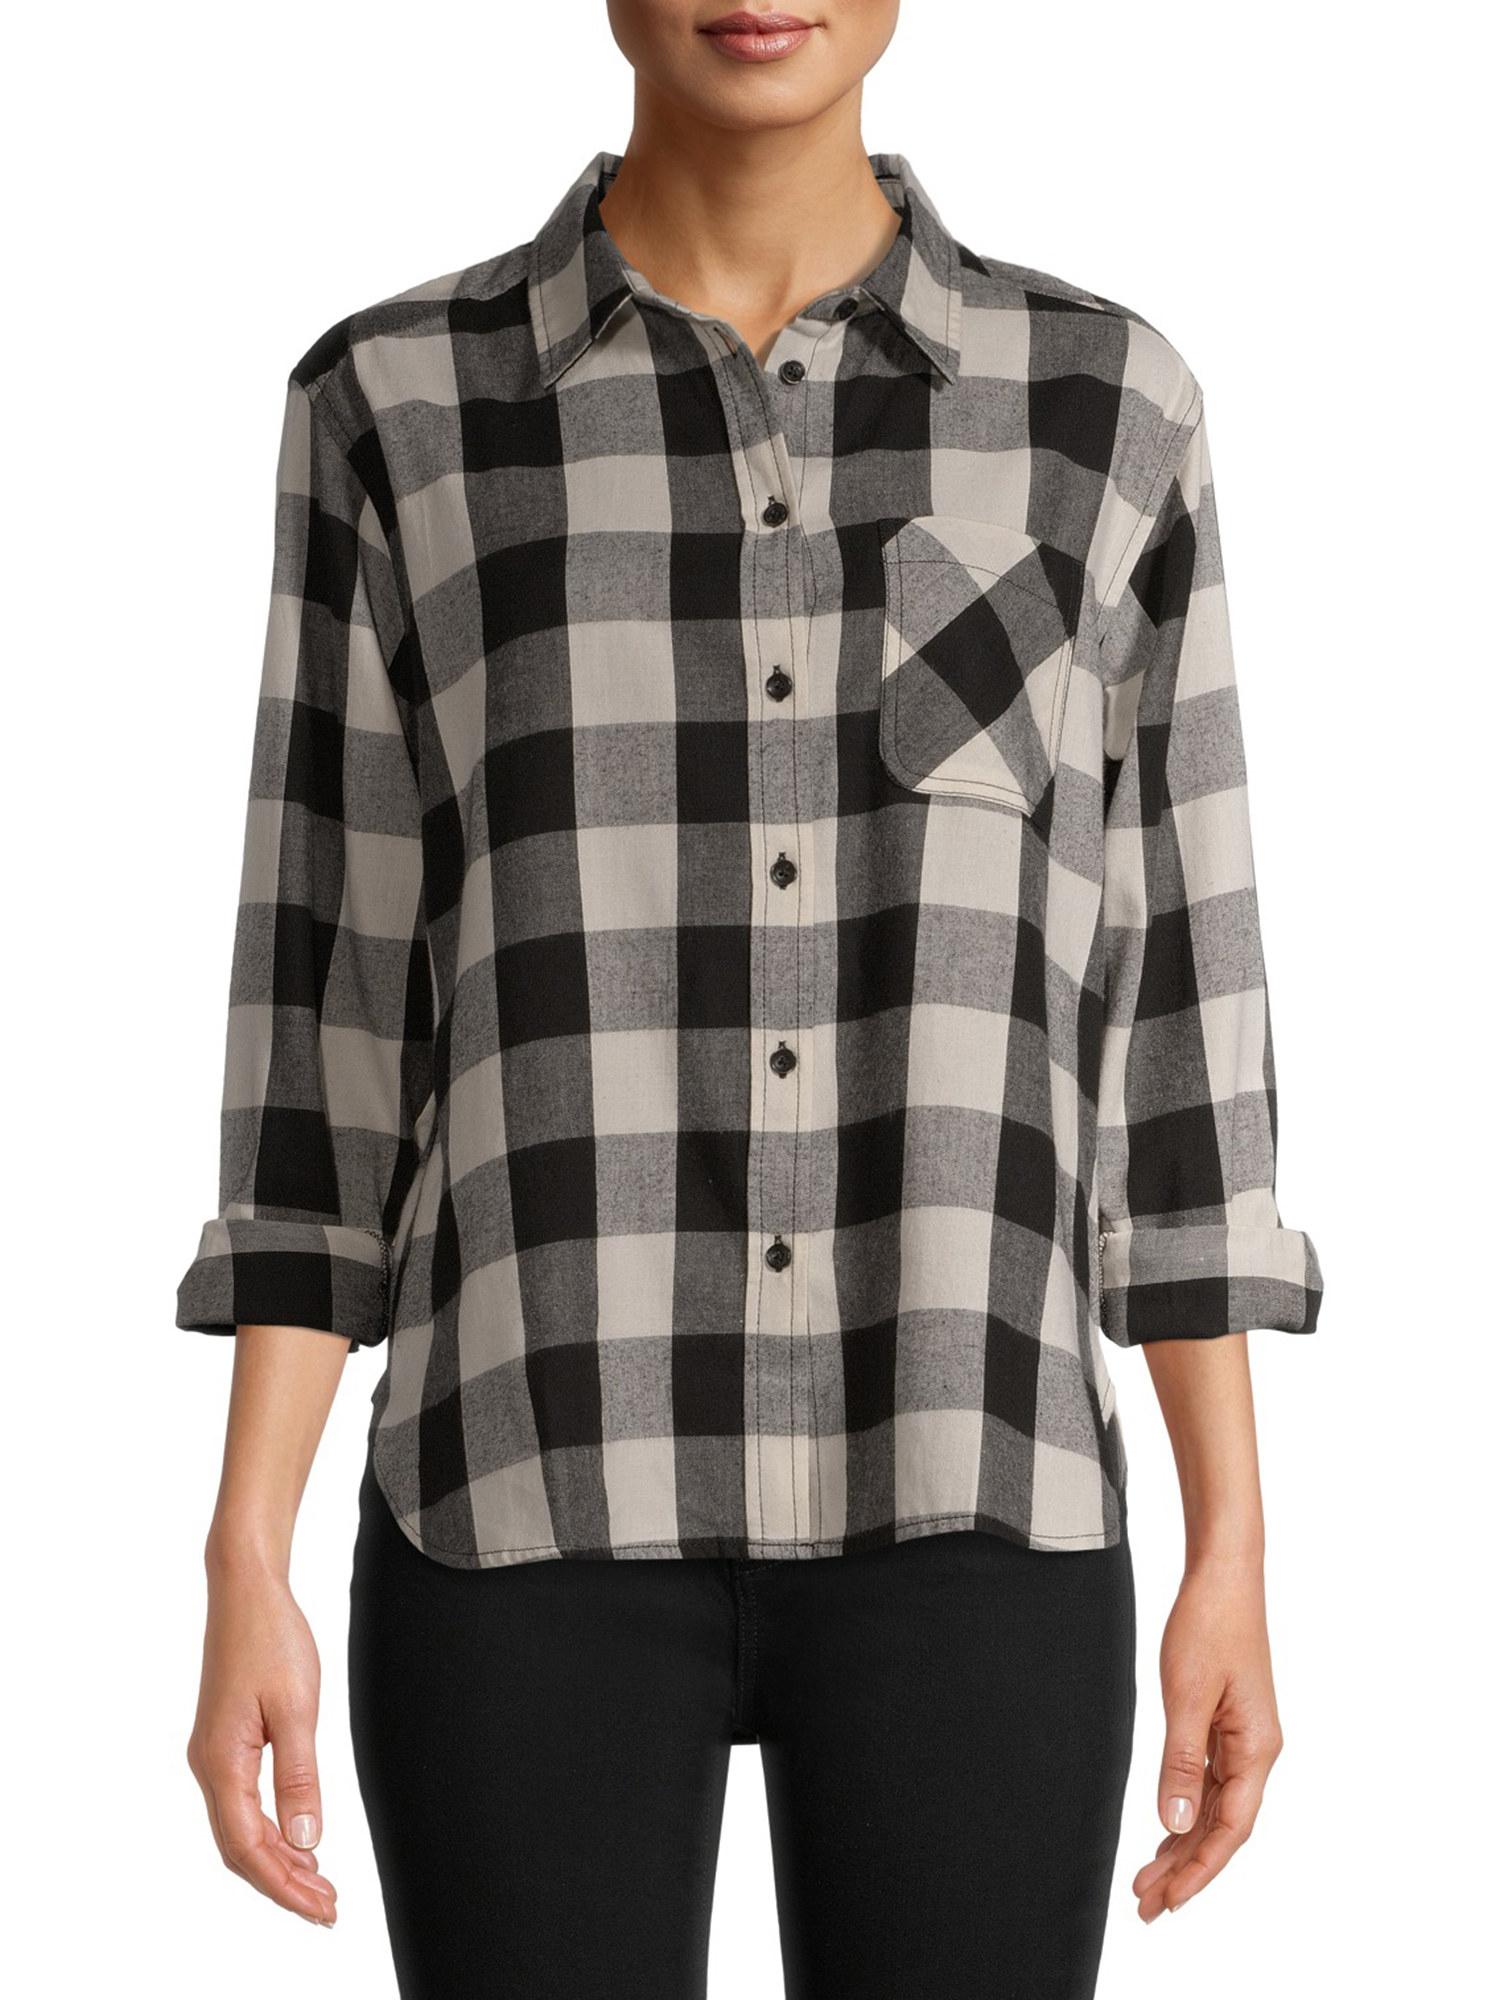 Model wears black and ivory buffalo plaid shirt